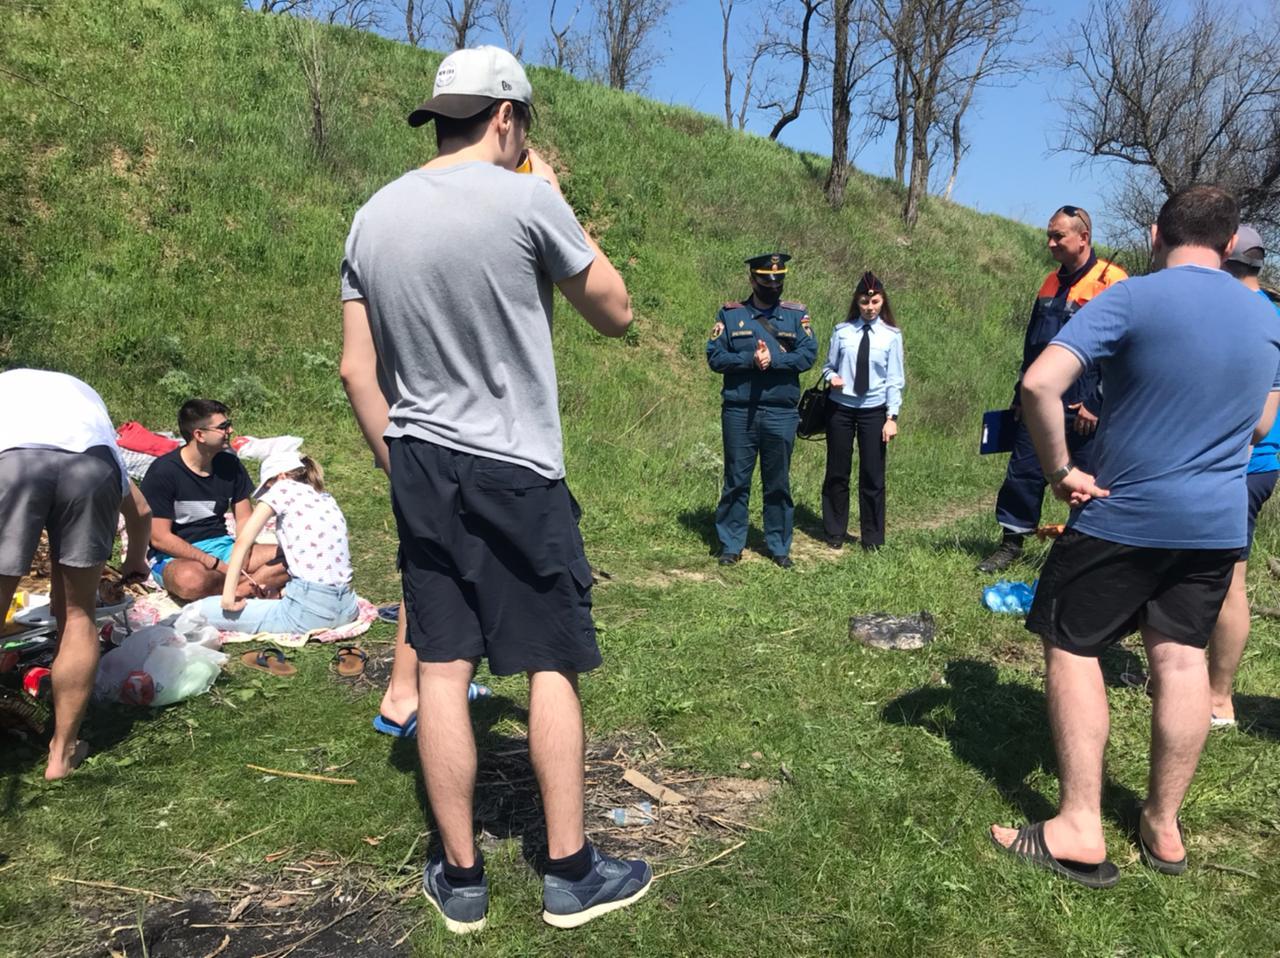 Донское МЧС напомнило о правилах безопасности в майские праздники